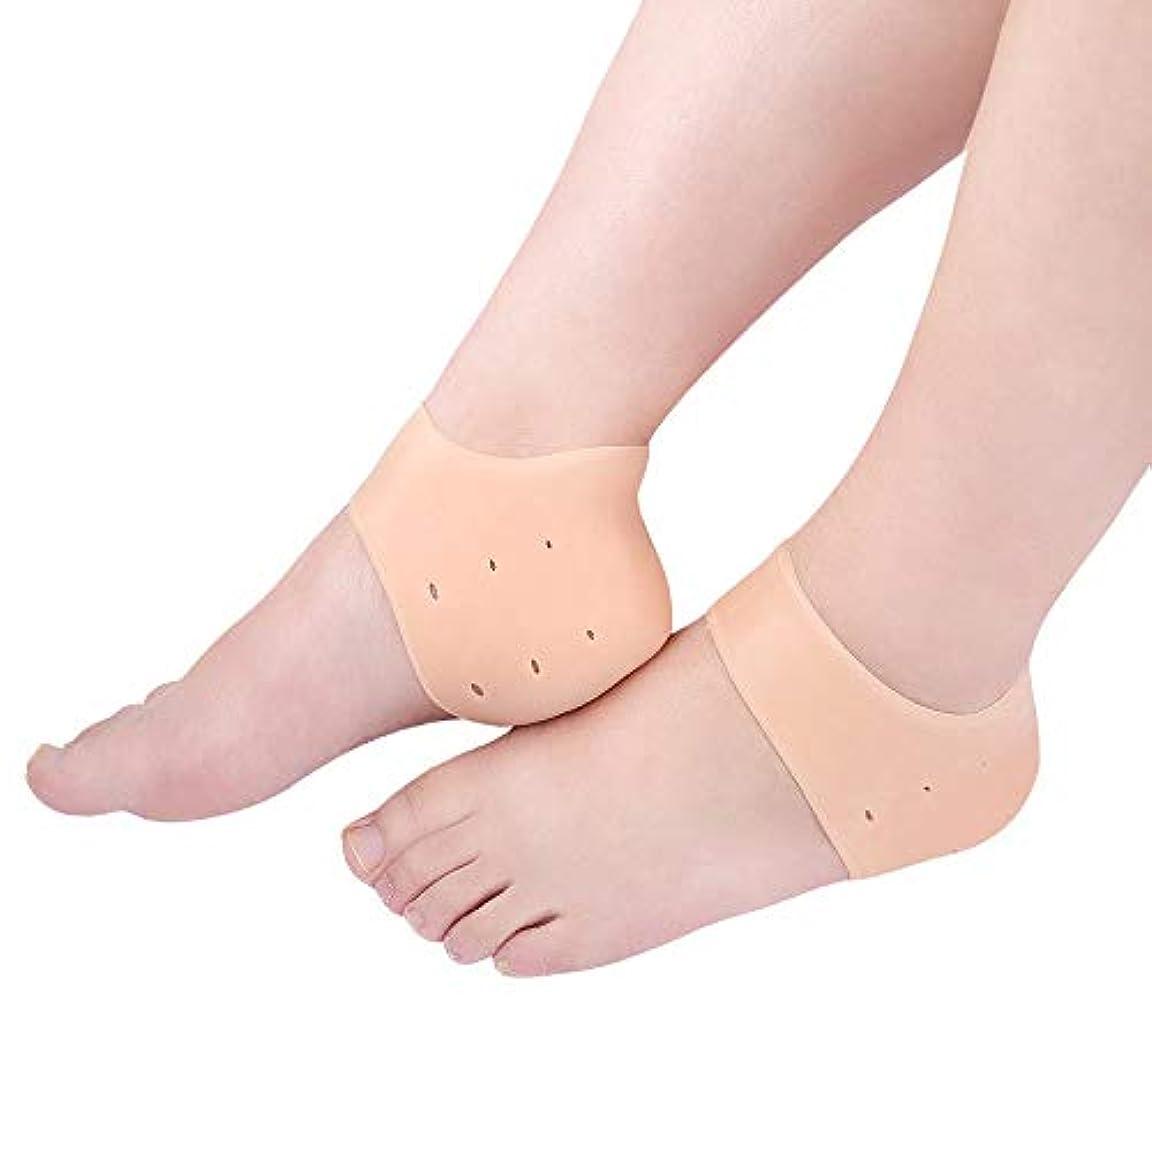 死リーンリスキーな自然なひびの入ったヒールトリートメント-ジェルソックス、ヒールペインリリーフ-足底筋膜炎、アキレス腱炎、カルス、骨棘を治療します。